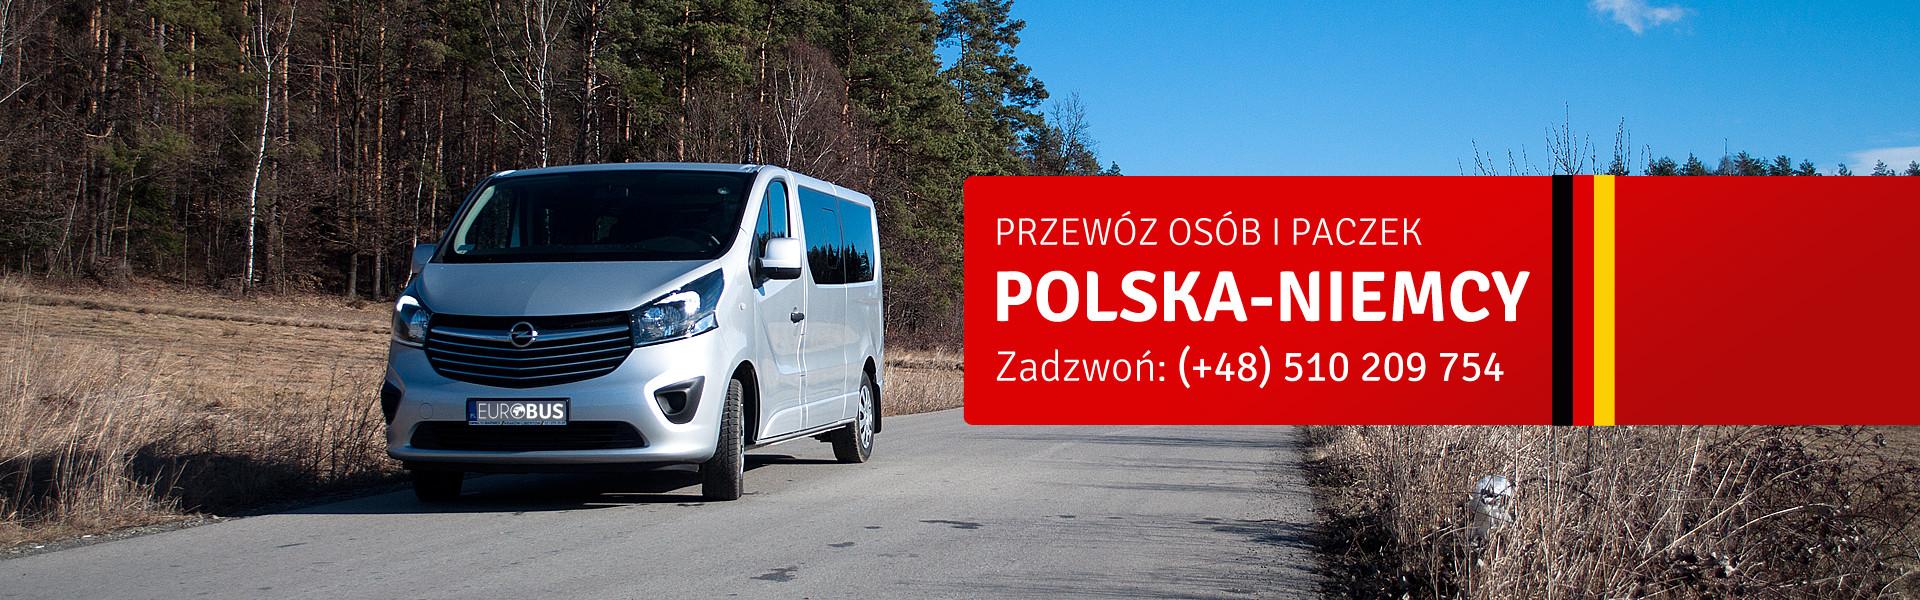 Przewóz osób Polska-Niemcy